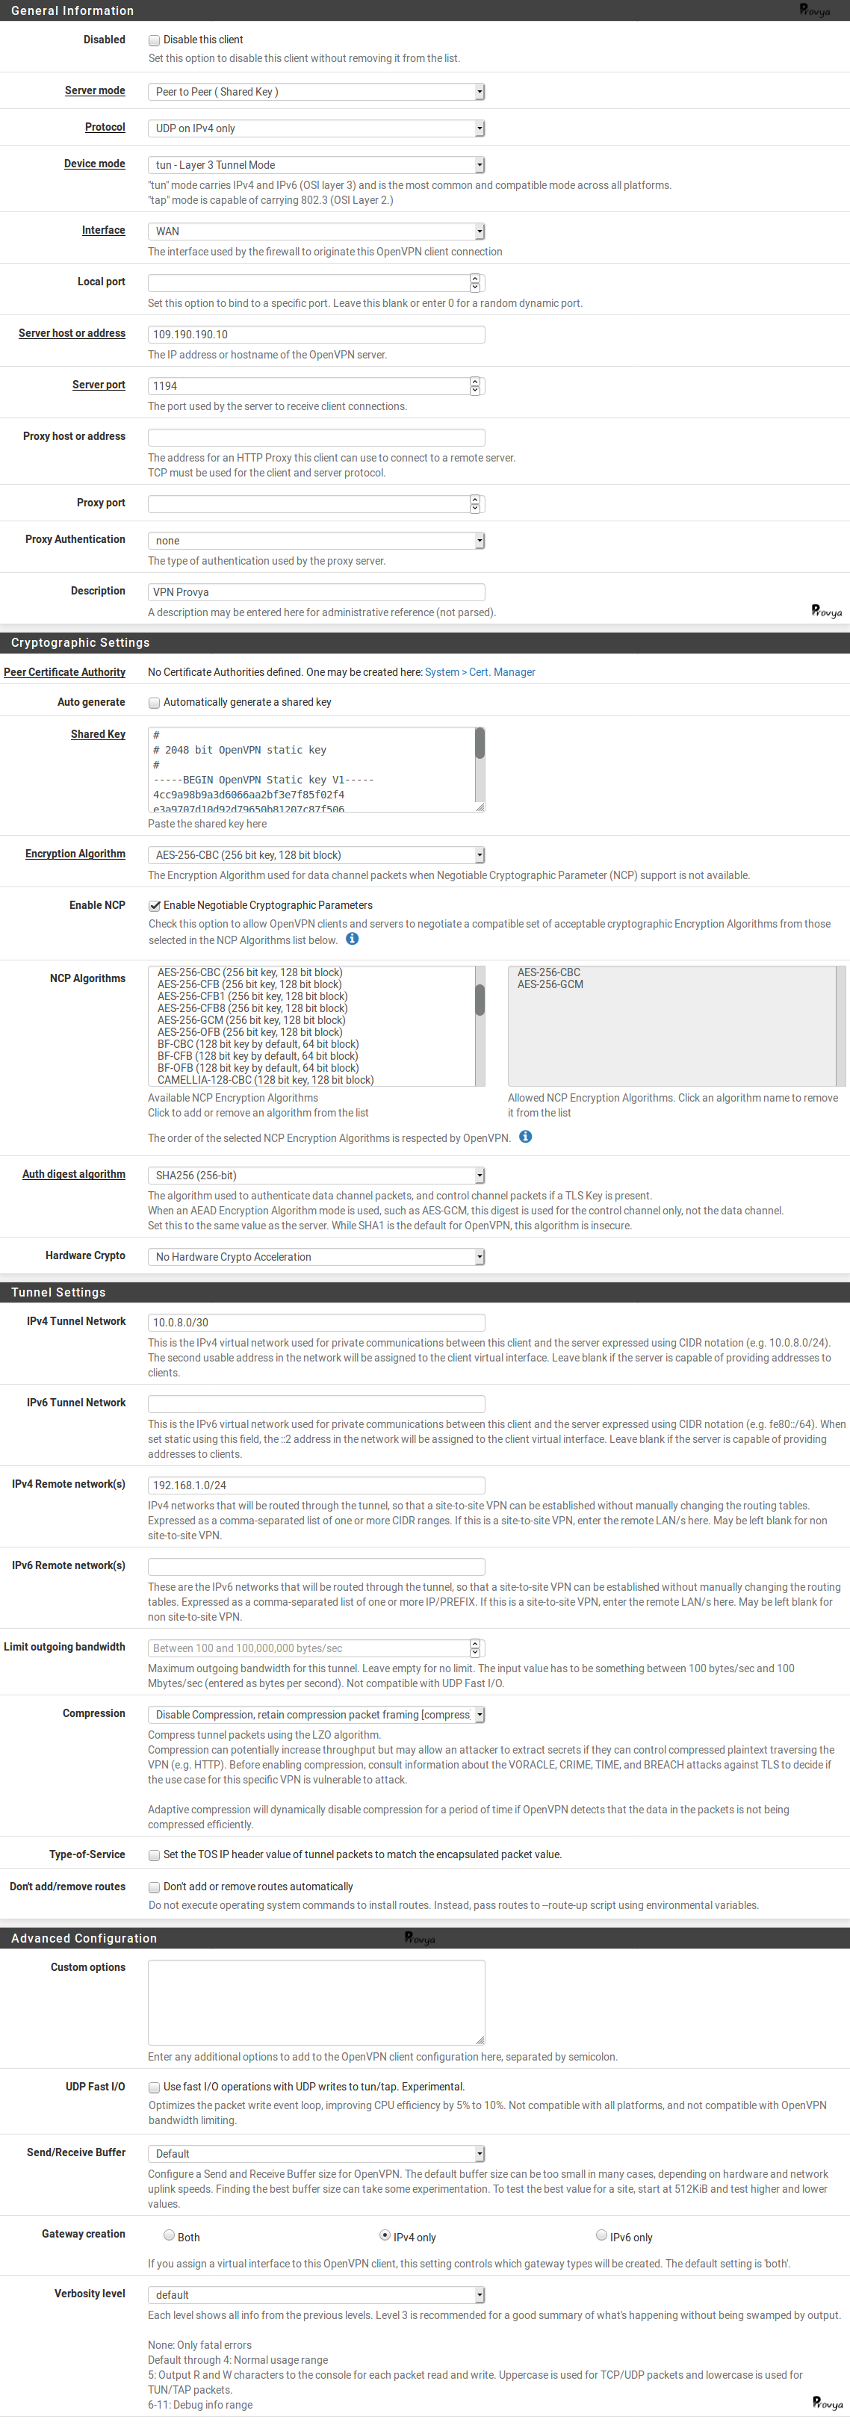 exemple configuration openVPN client clée partagée pfSense Provya